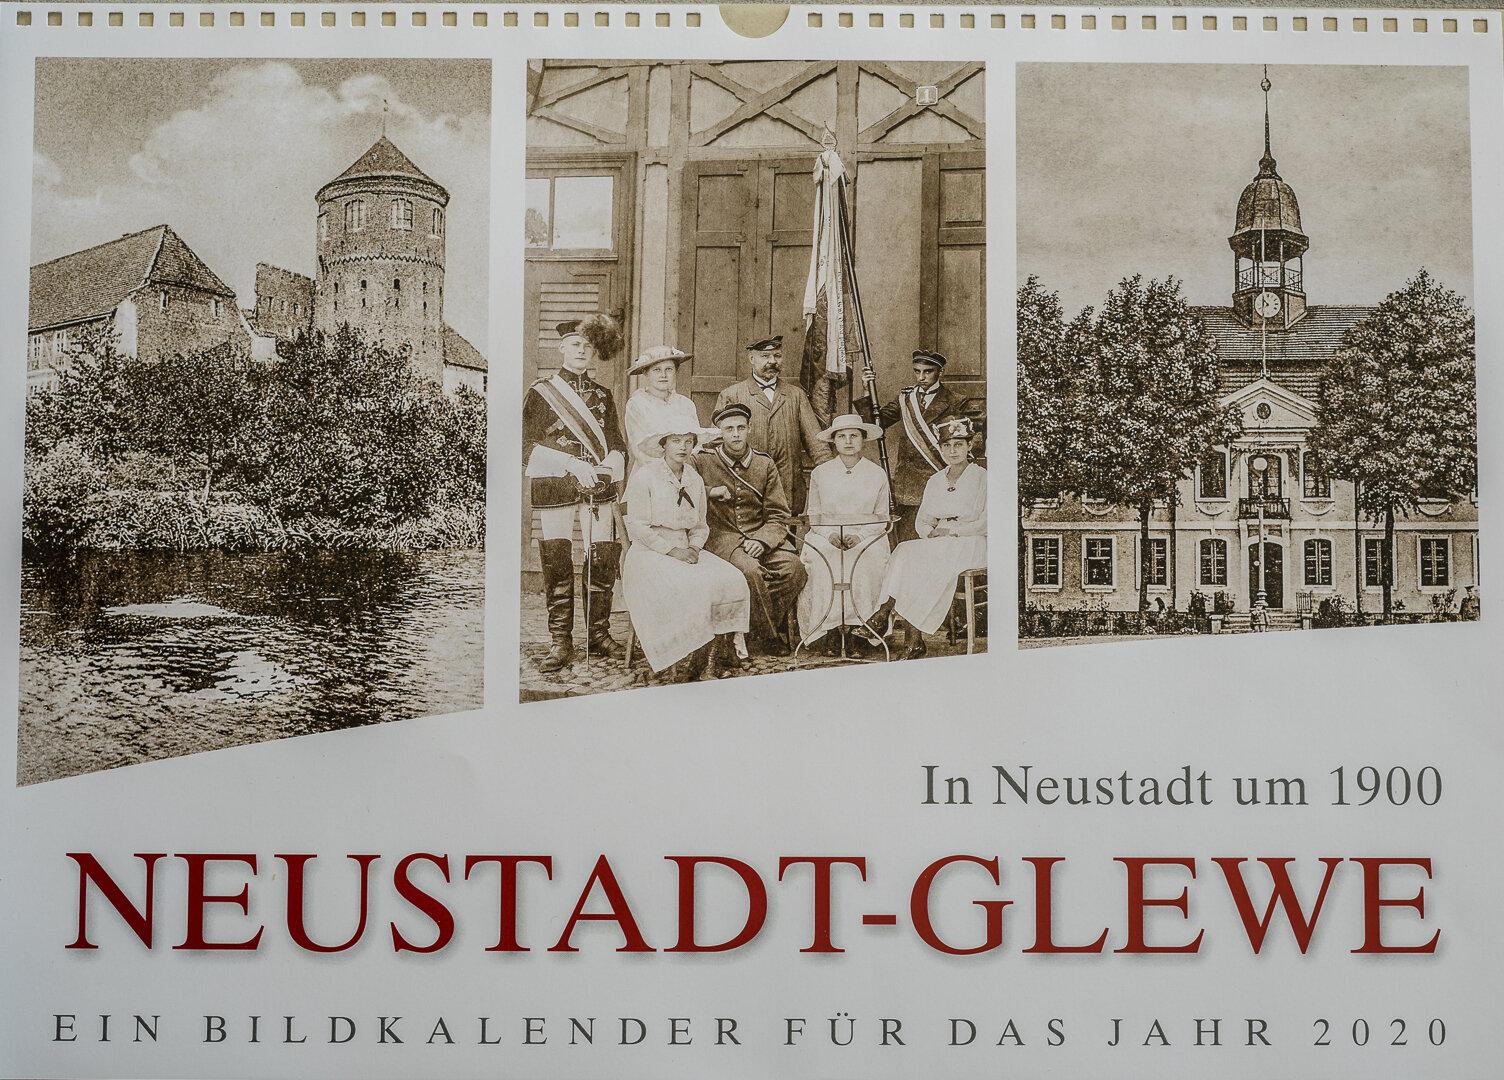 In Neustadt um 1900 - NEUSTADT-GLEWE - Ein Bildkalender für das Jahr 2020